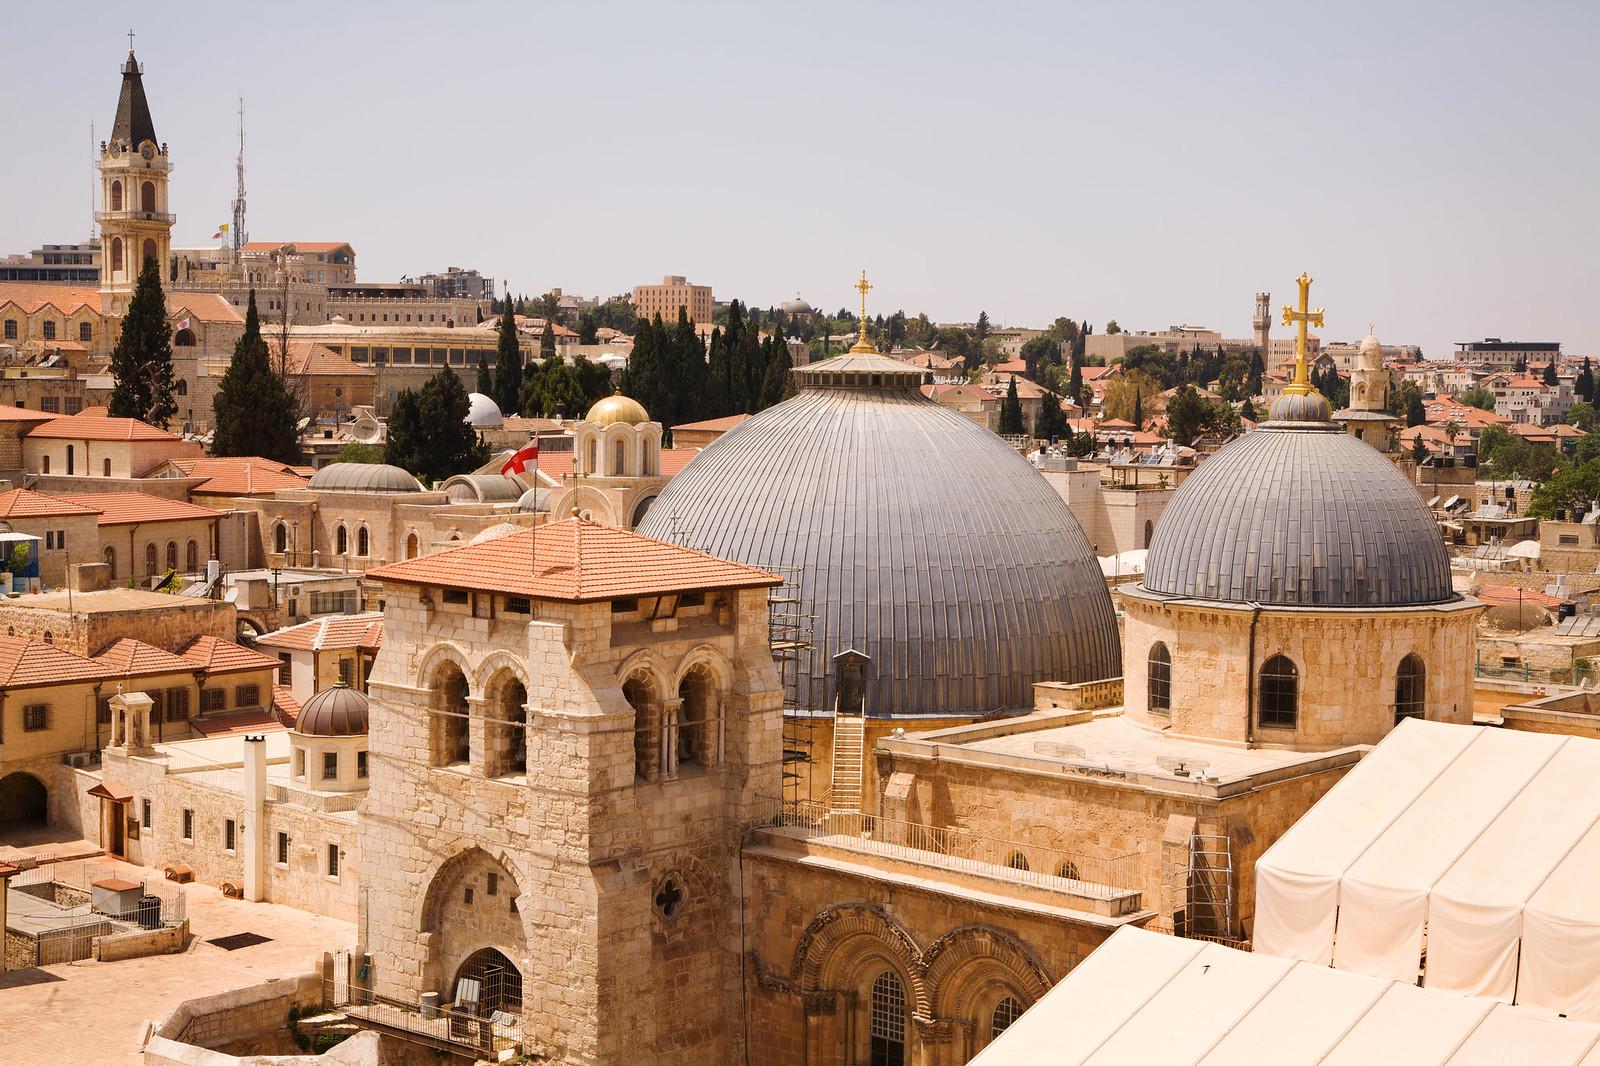 Jerusalem_Holy Sepulcher_3_Noam Chen_IMOT